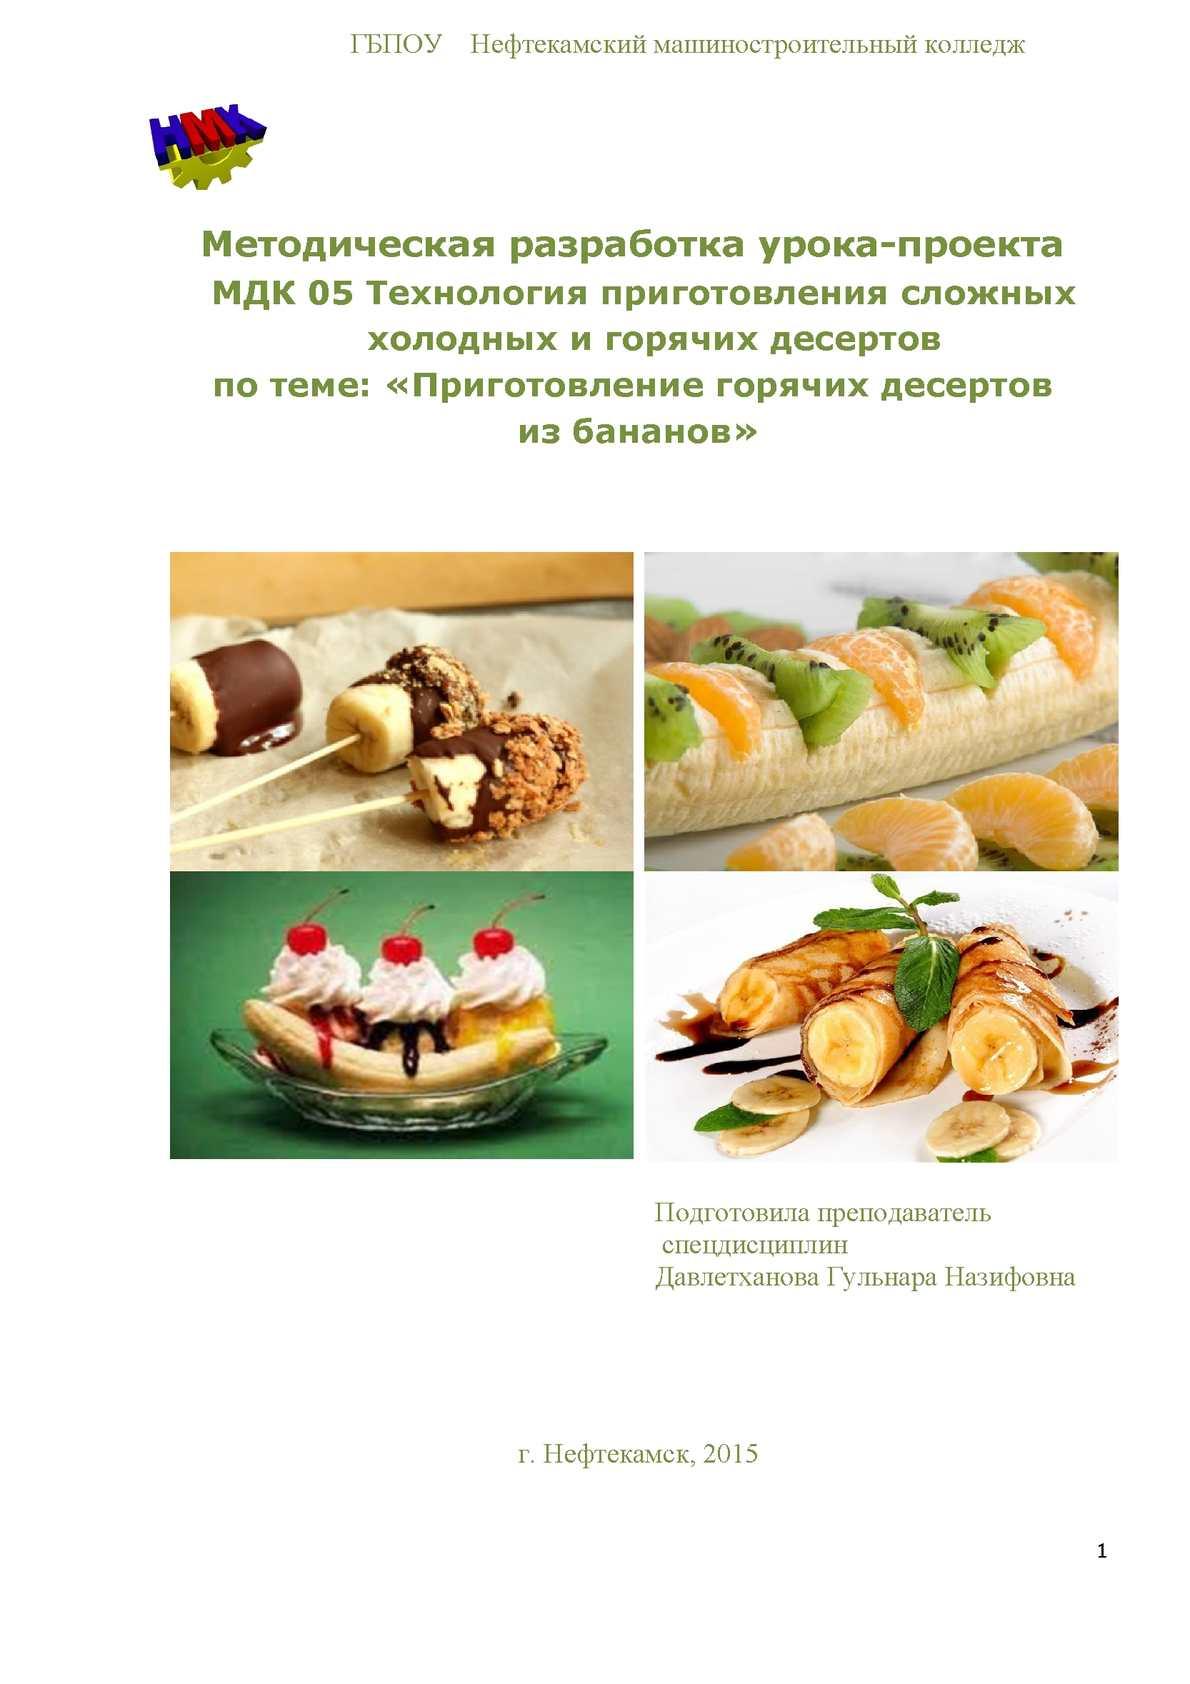 презентация на тему холодные десерты